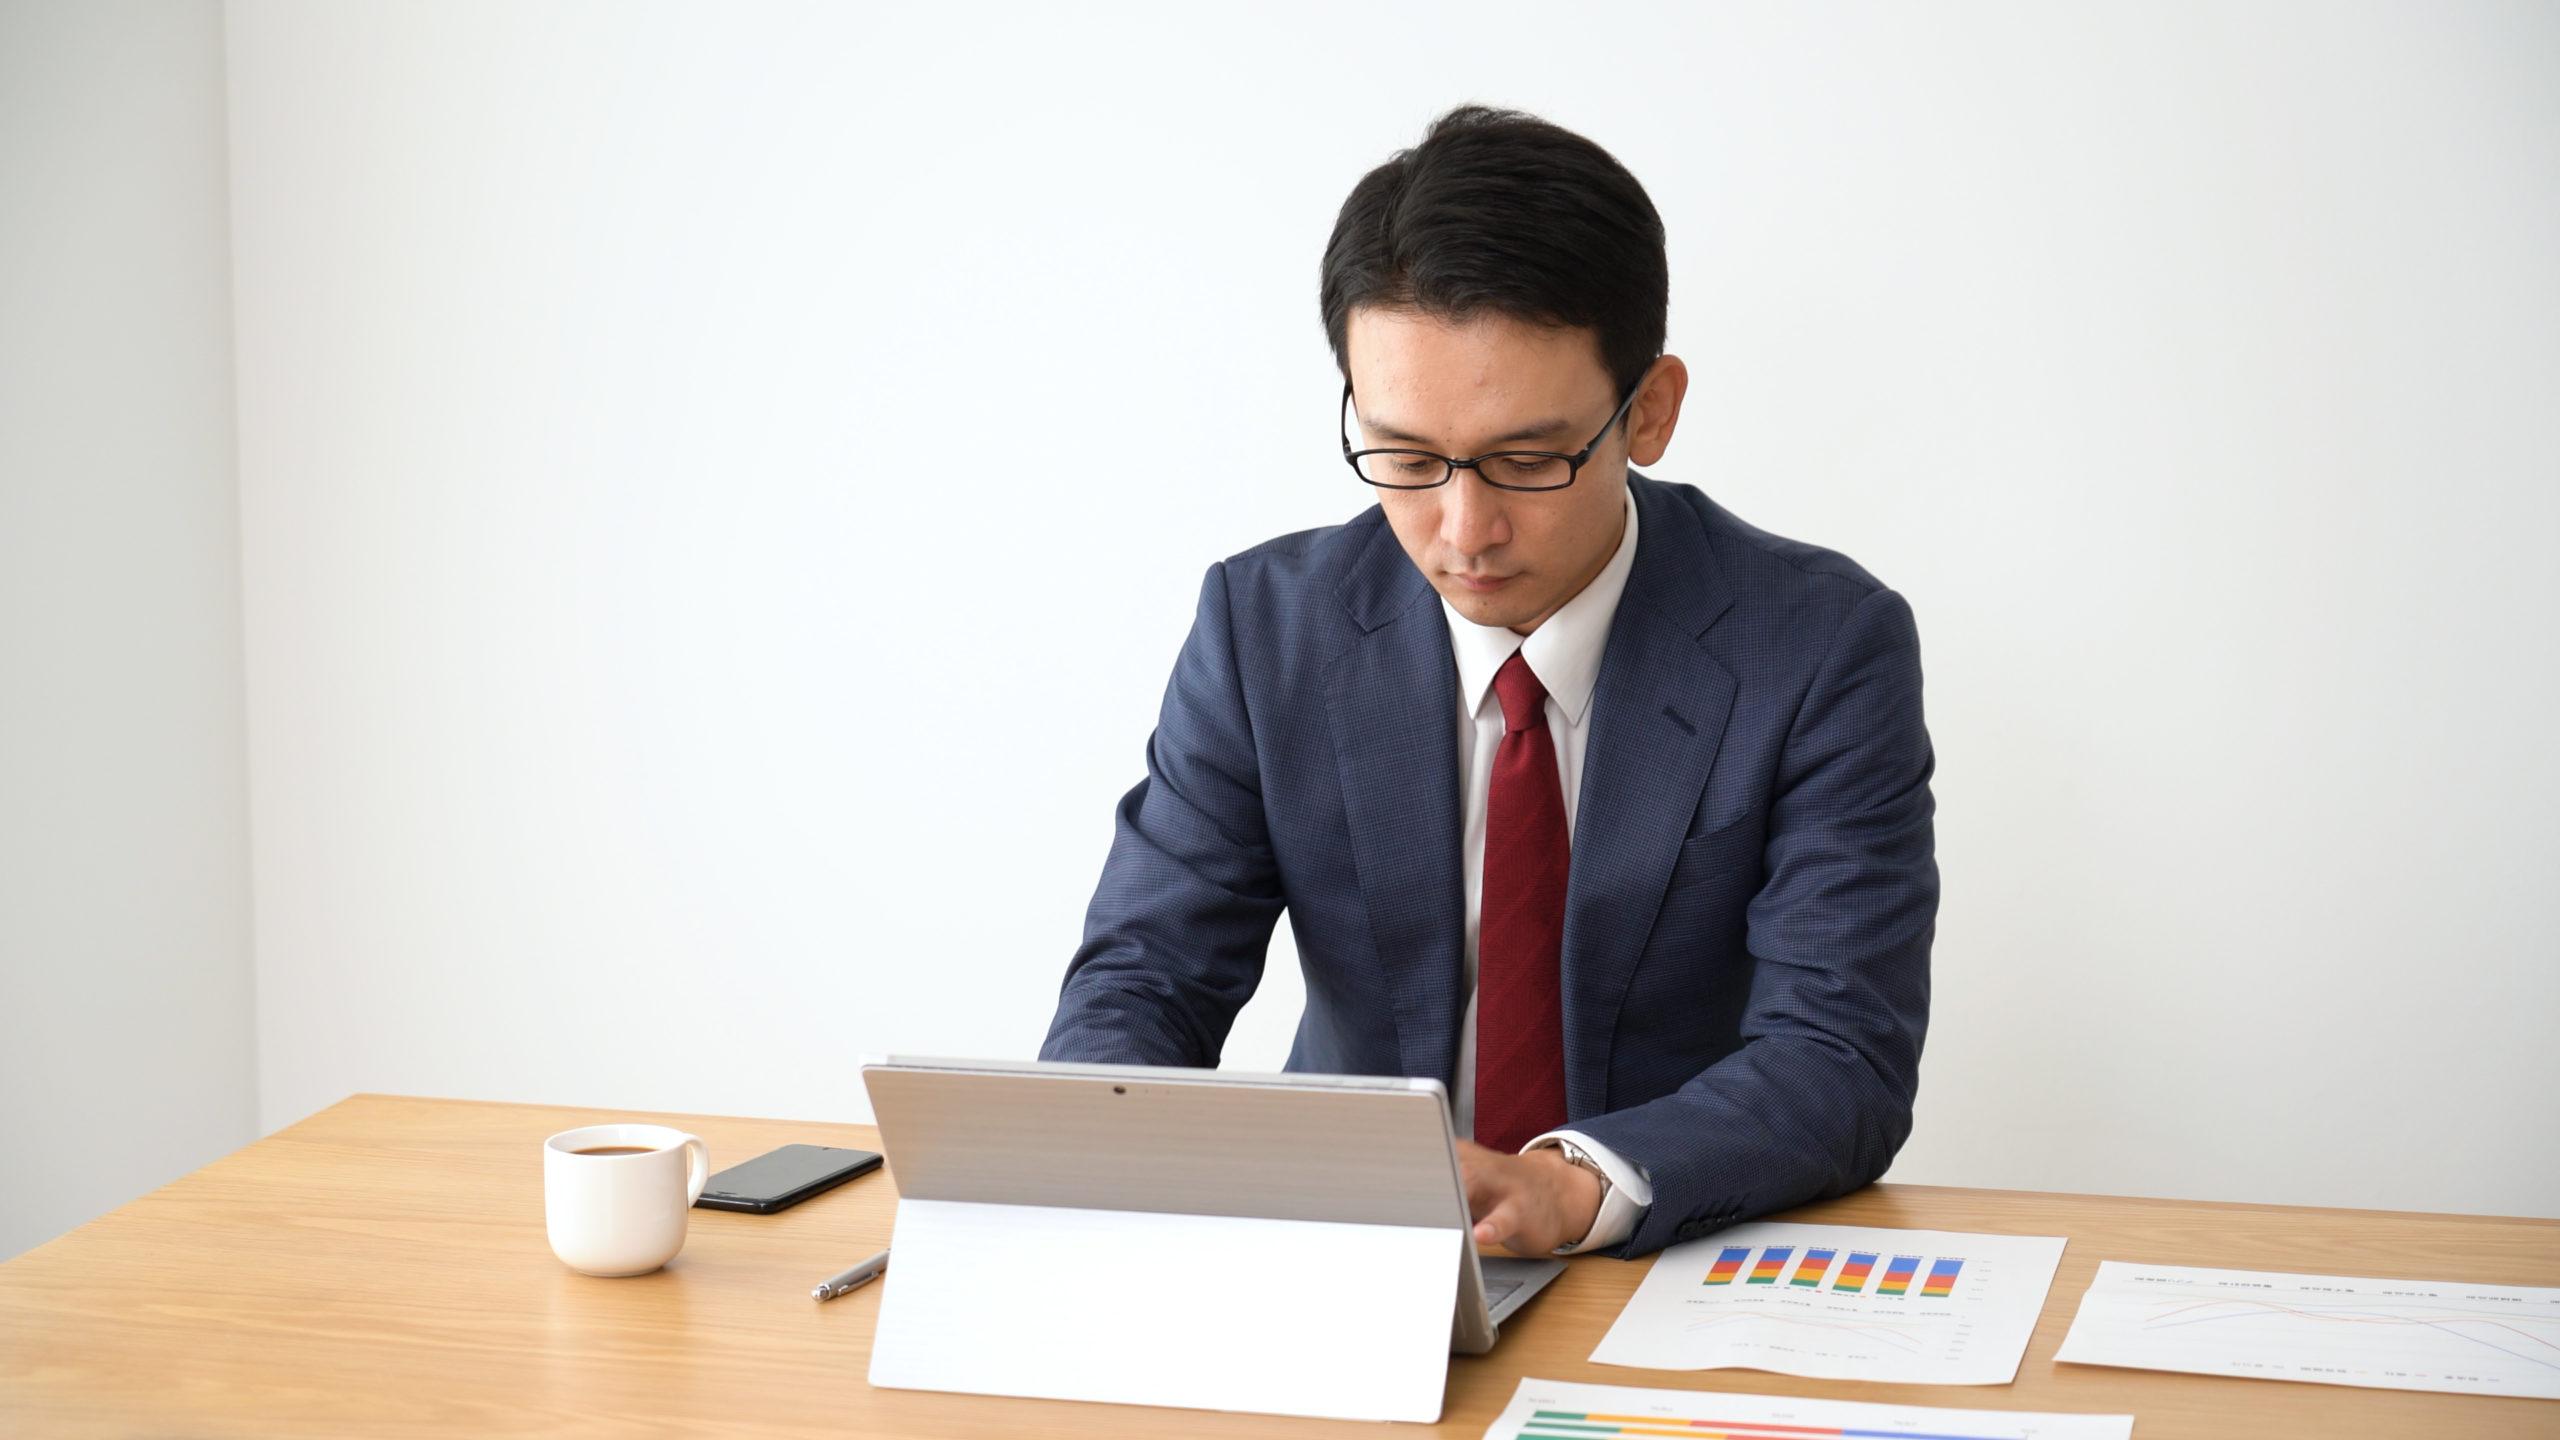 ノートパソコンでタイピングをするビジネスマン